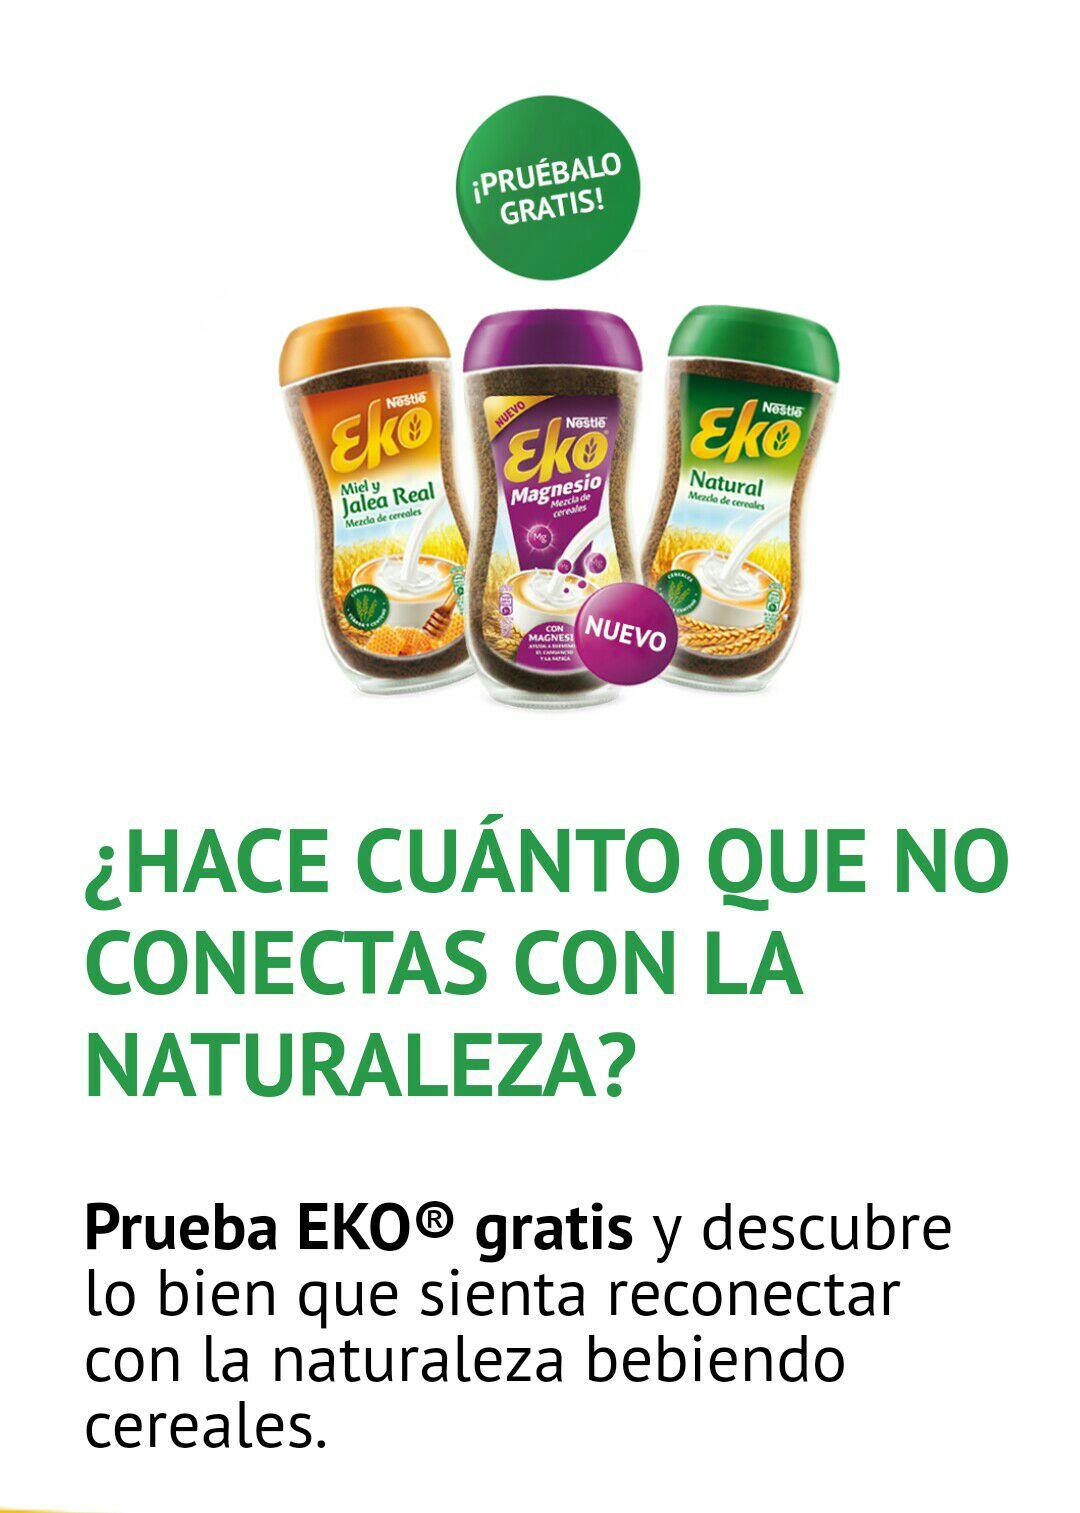 Prueba EKO® gratis